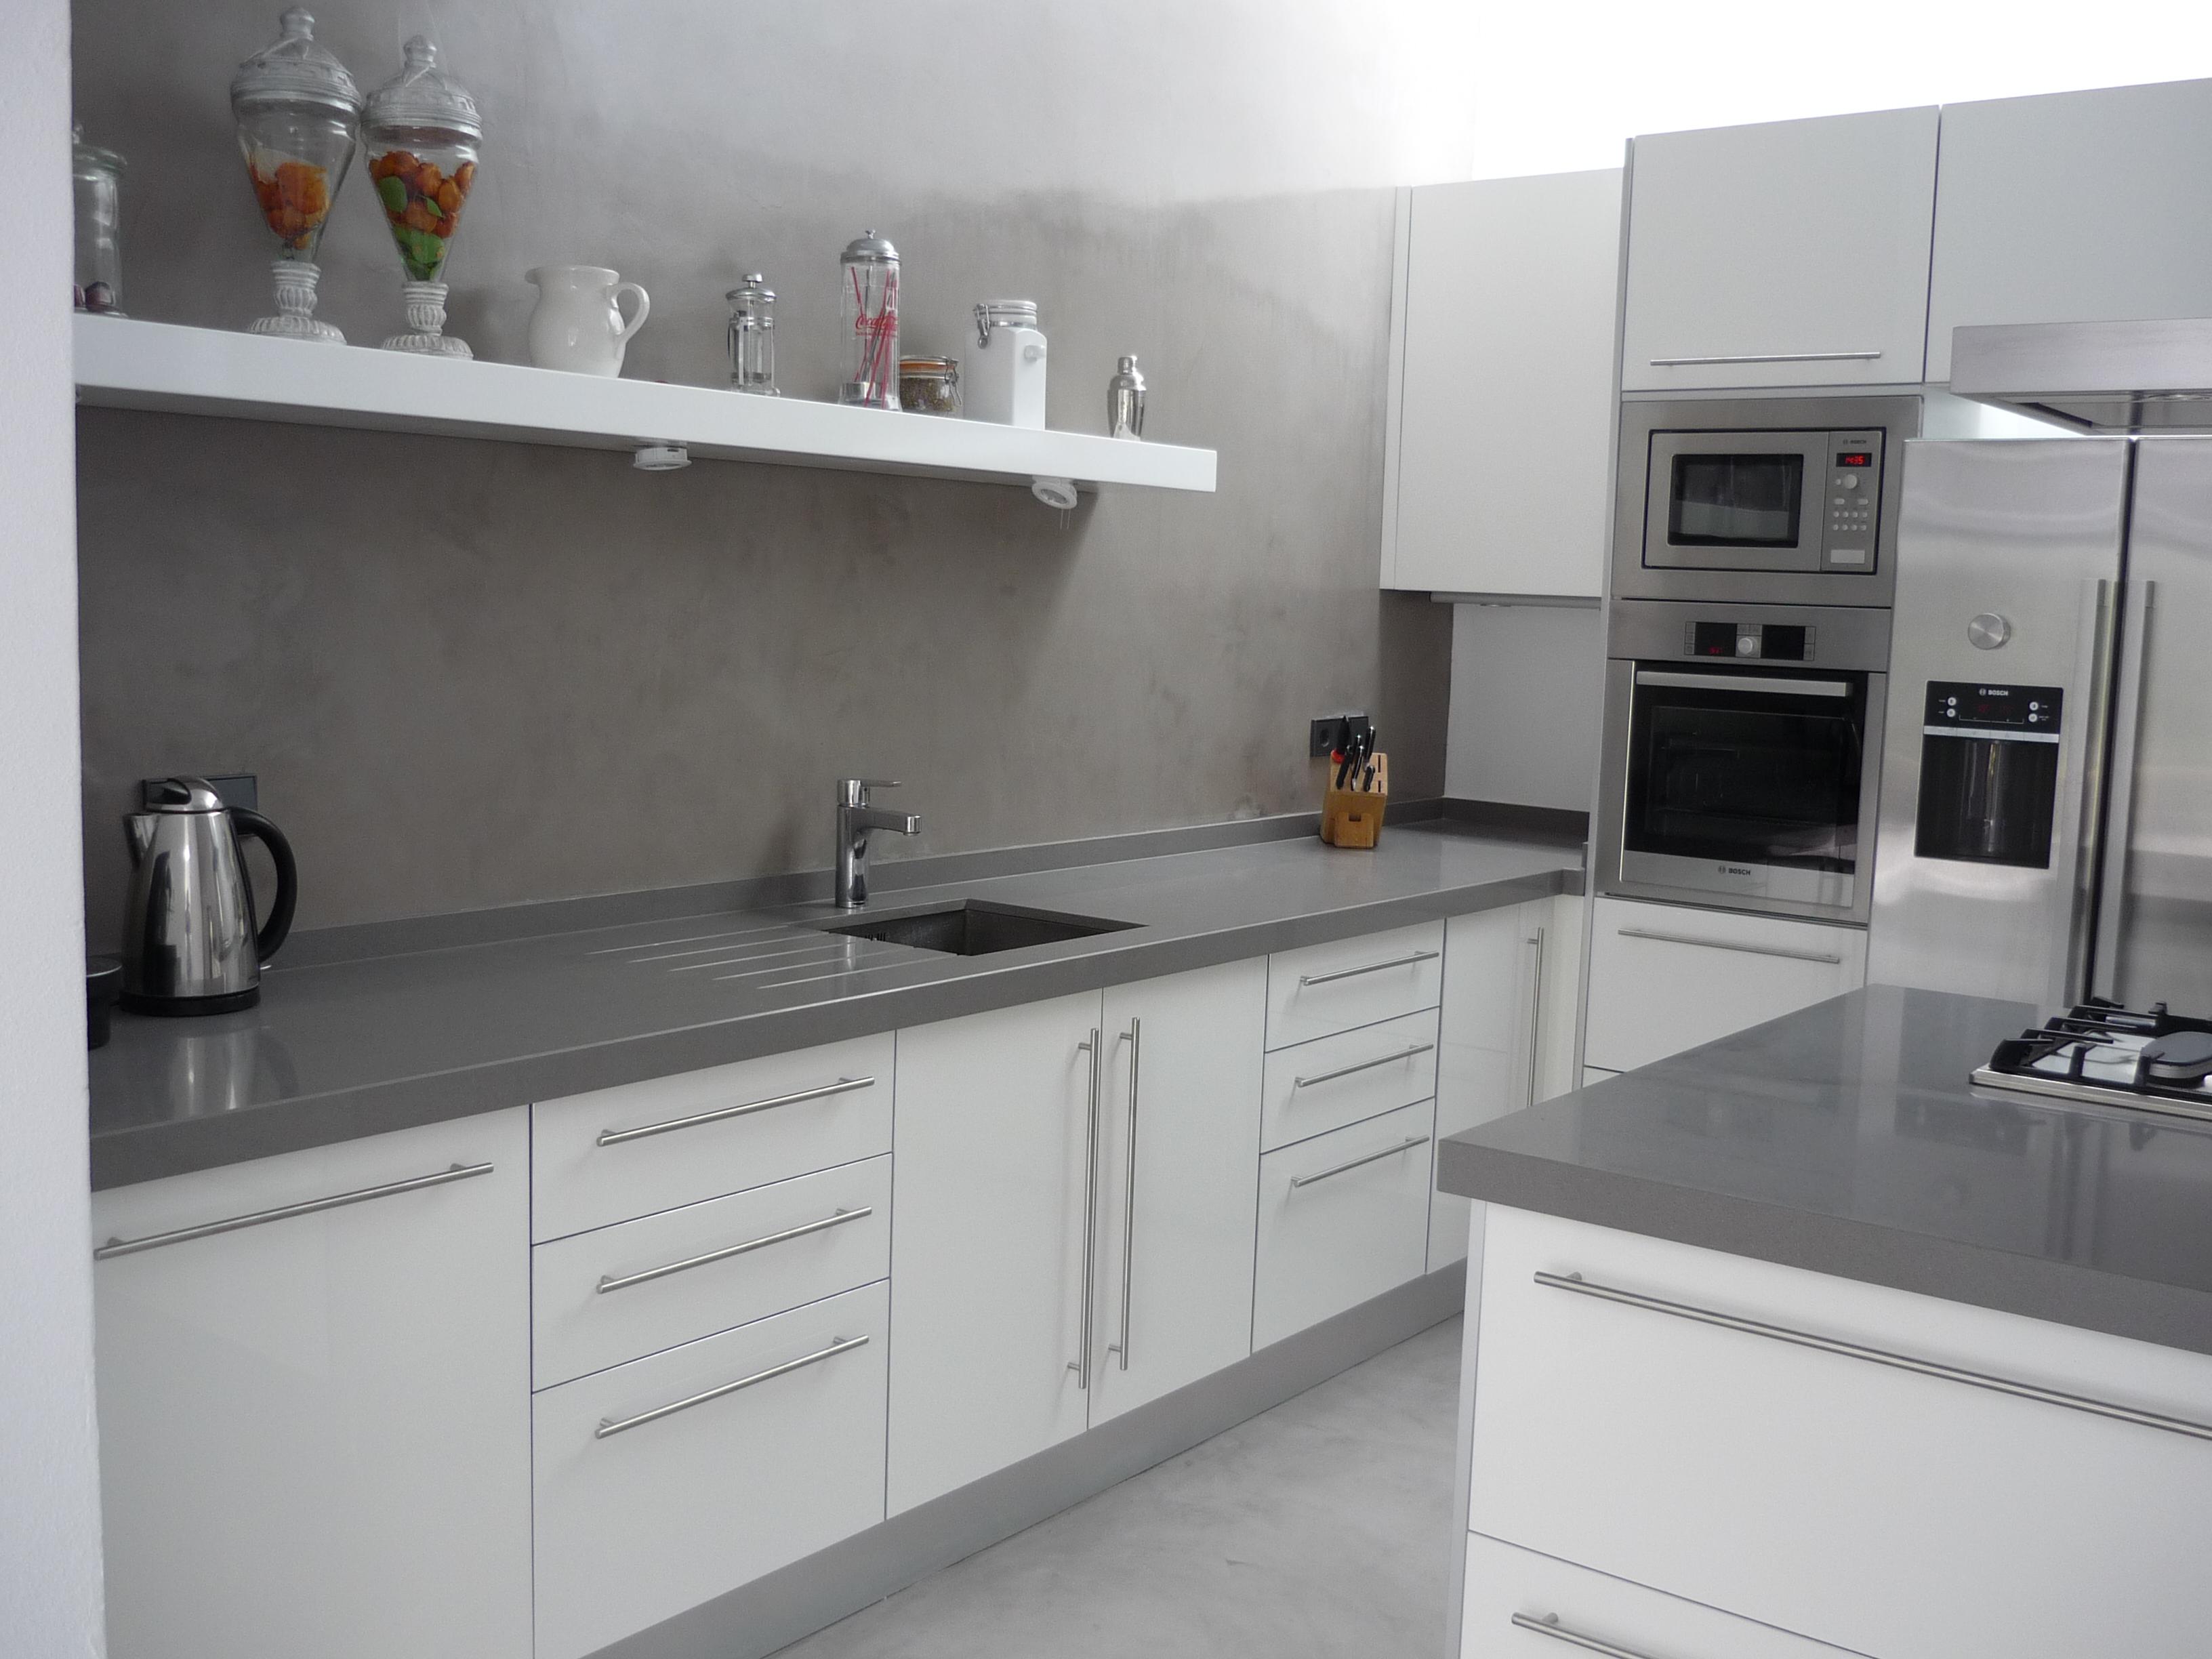 Cocina eivicuines acrilux blanco brillo eivicuines eva for Cocinas modernas blancas y grises